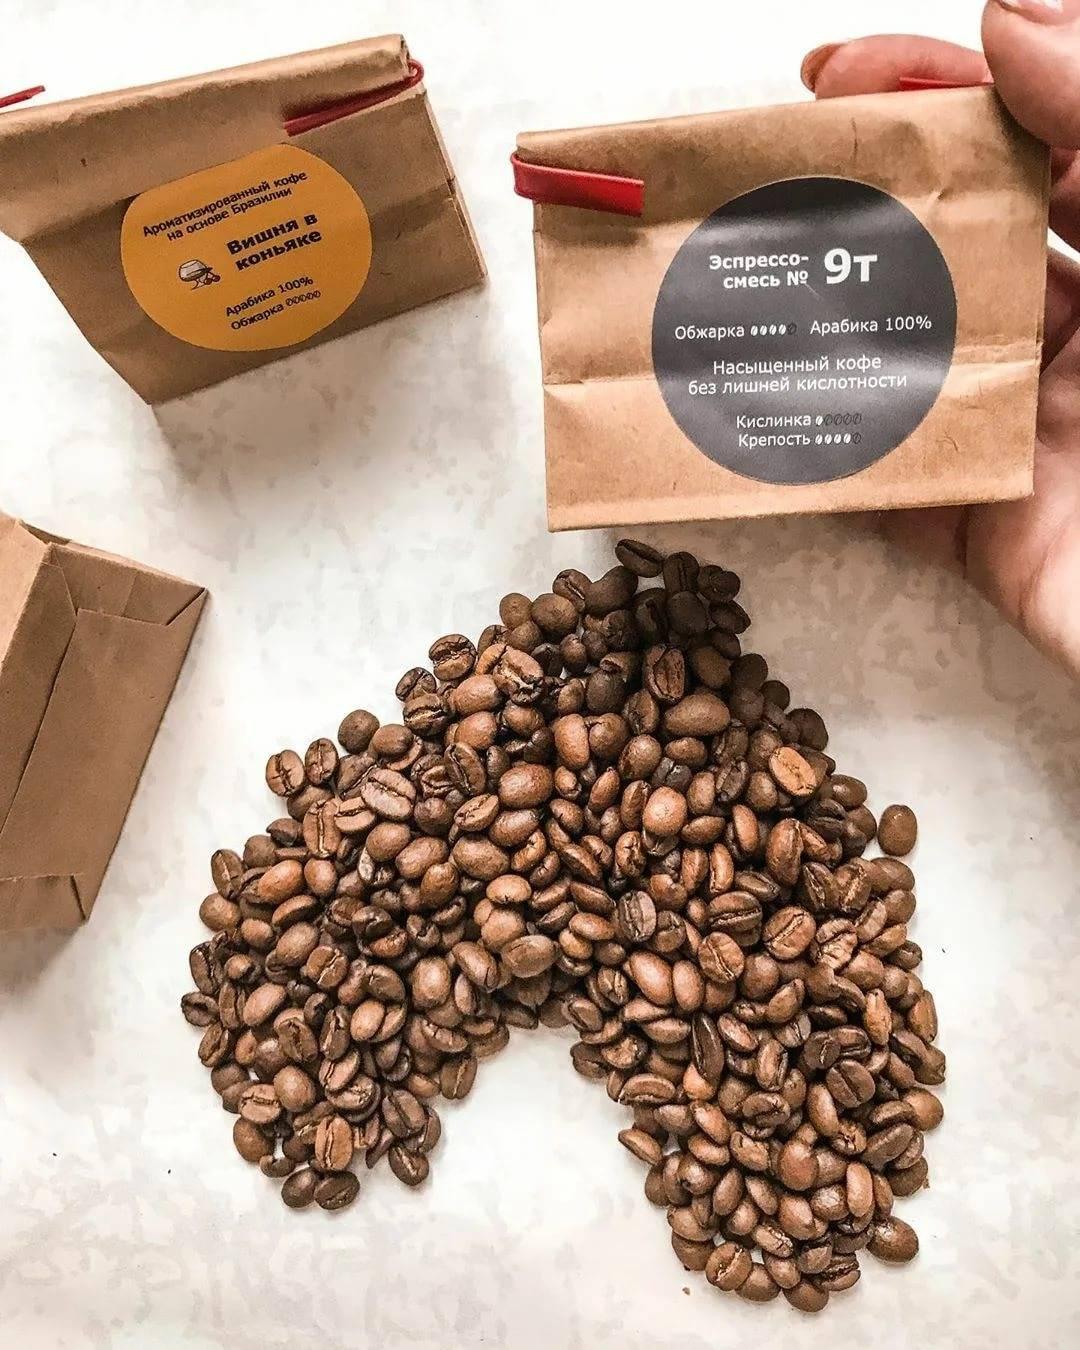 Арабика vs робуста: что нужно знать о самых популярных сортах кофе / на сайте росконтроль.рф